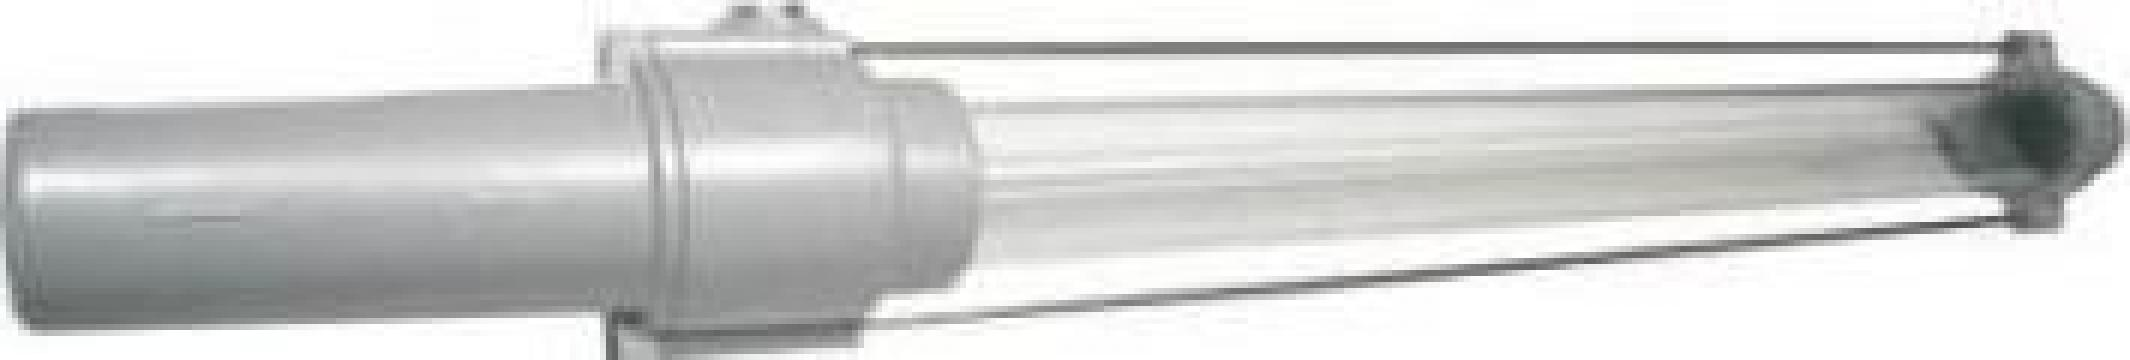 Corp iluminat antiex LED, EVFC, Ex de II C